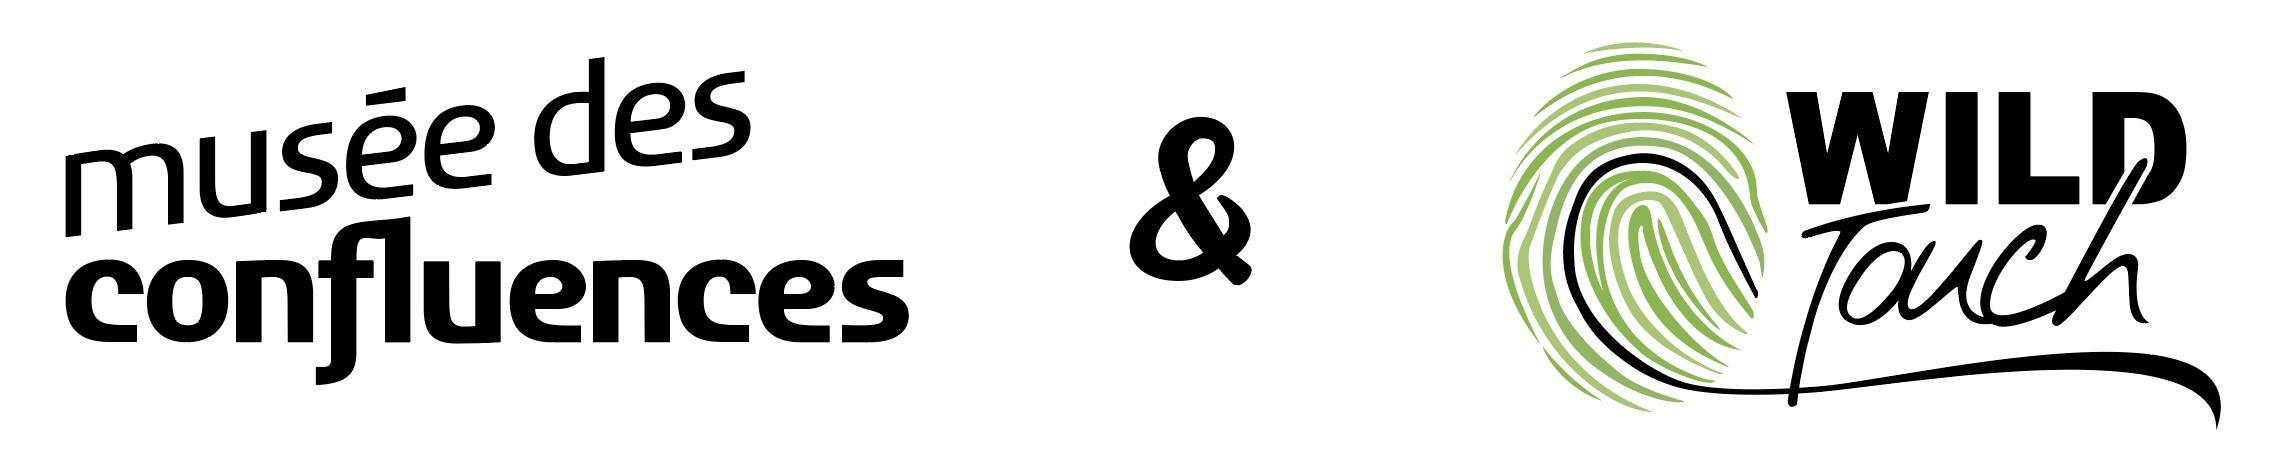 logos Musée des Confluences & Wild-Touch